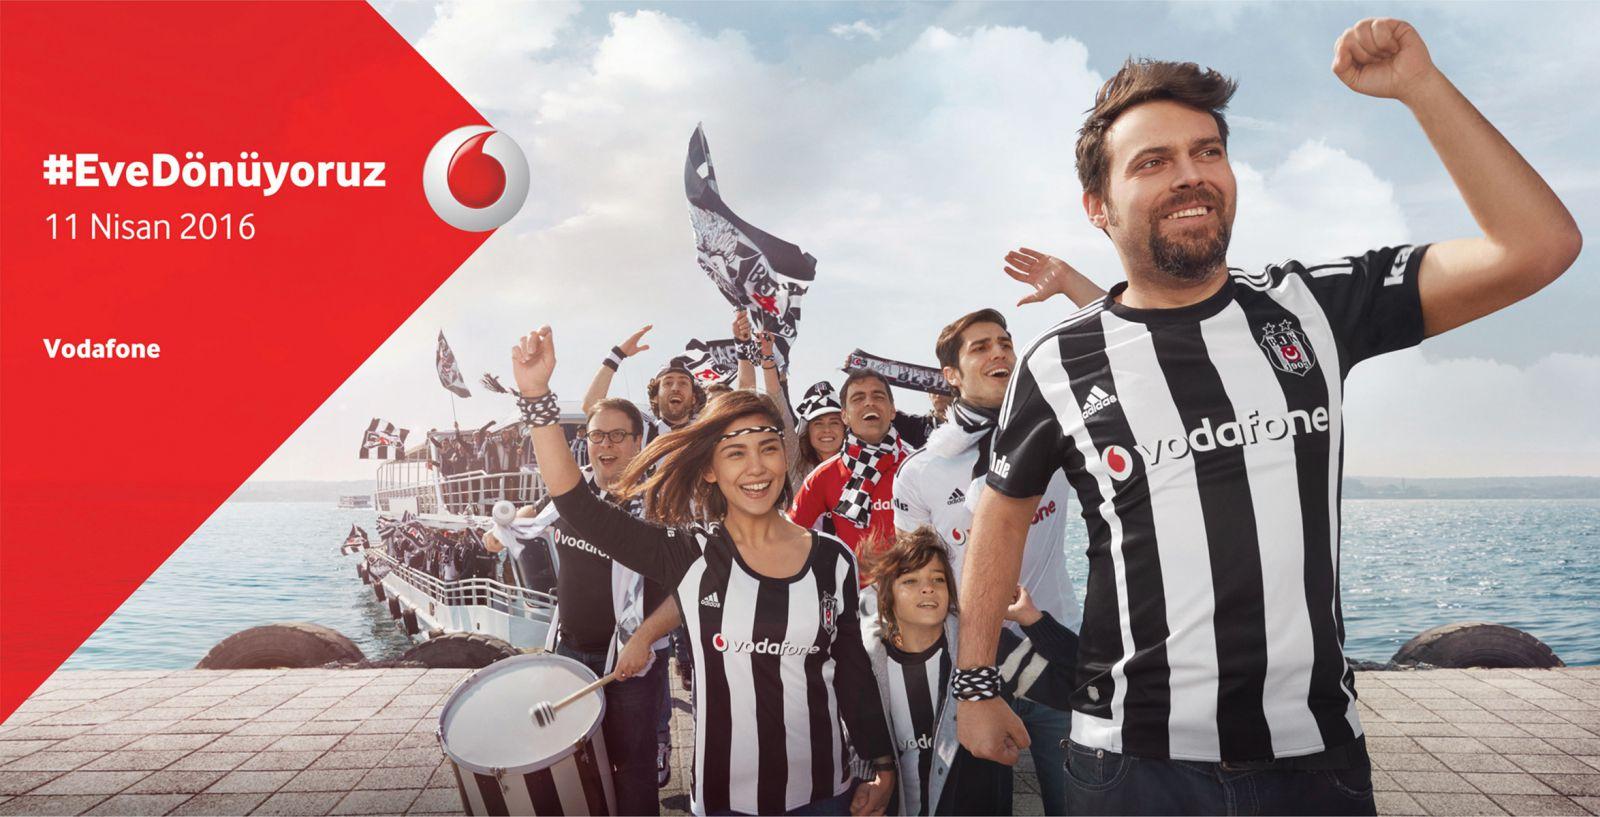 Vodafone Fotoğraf Çekimi